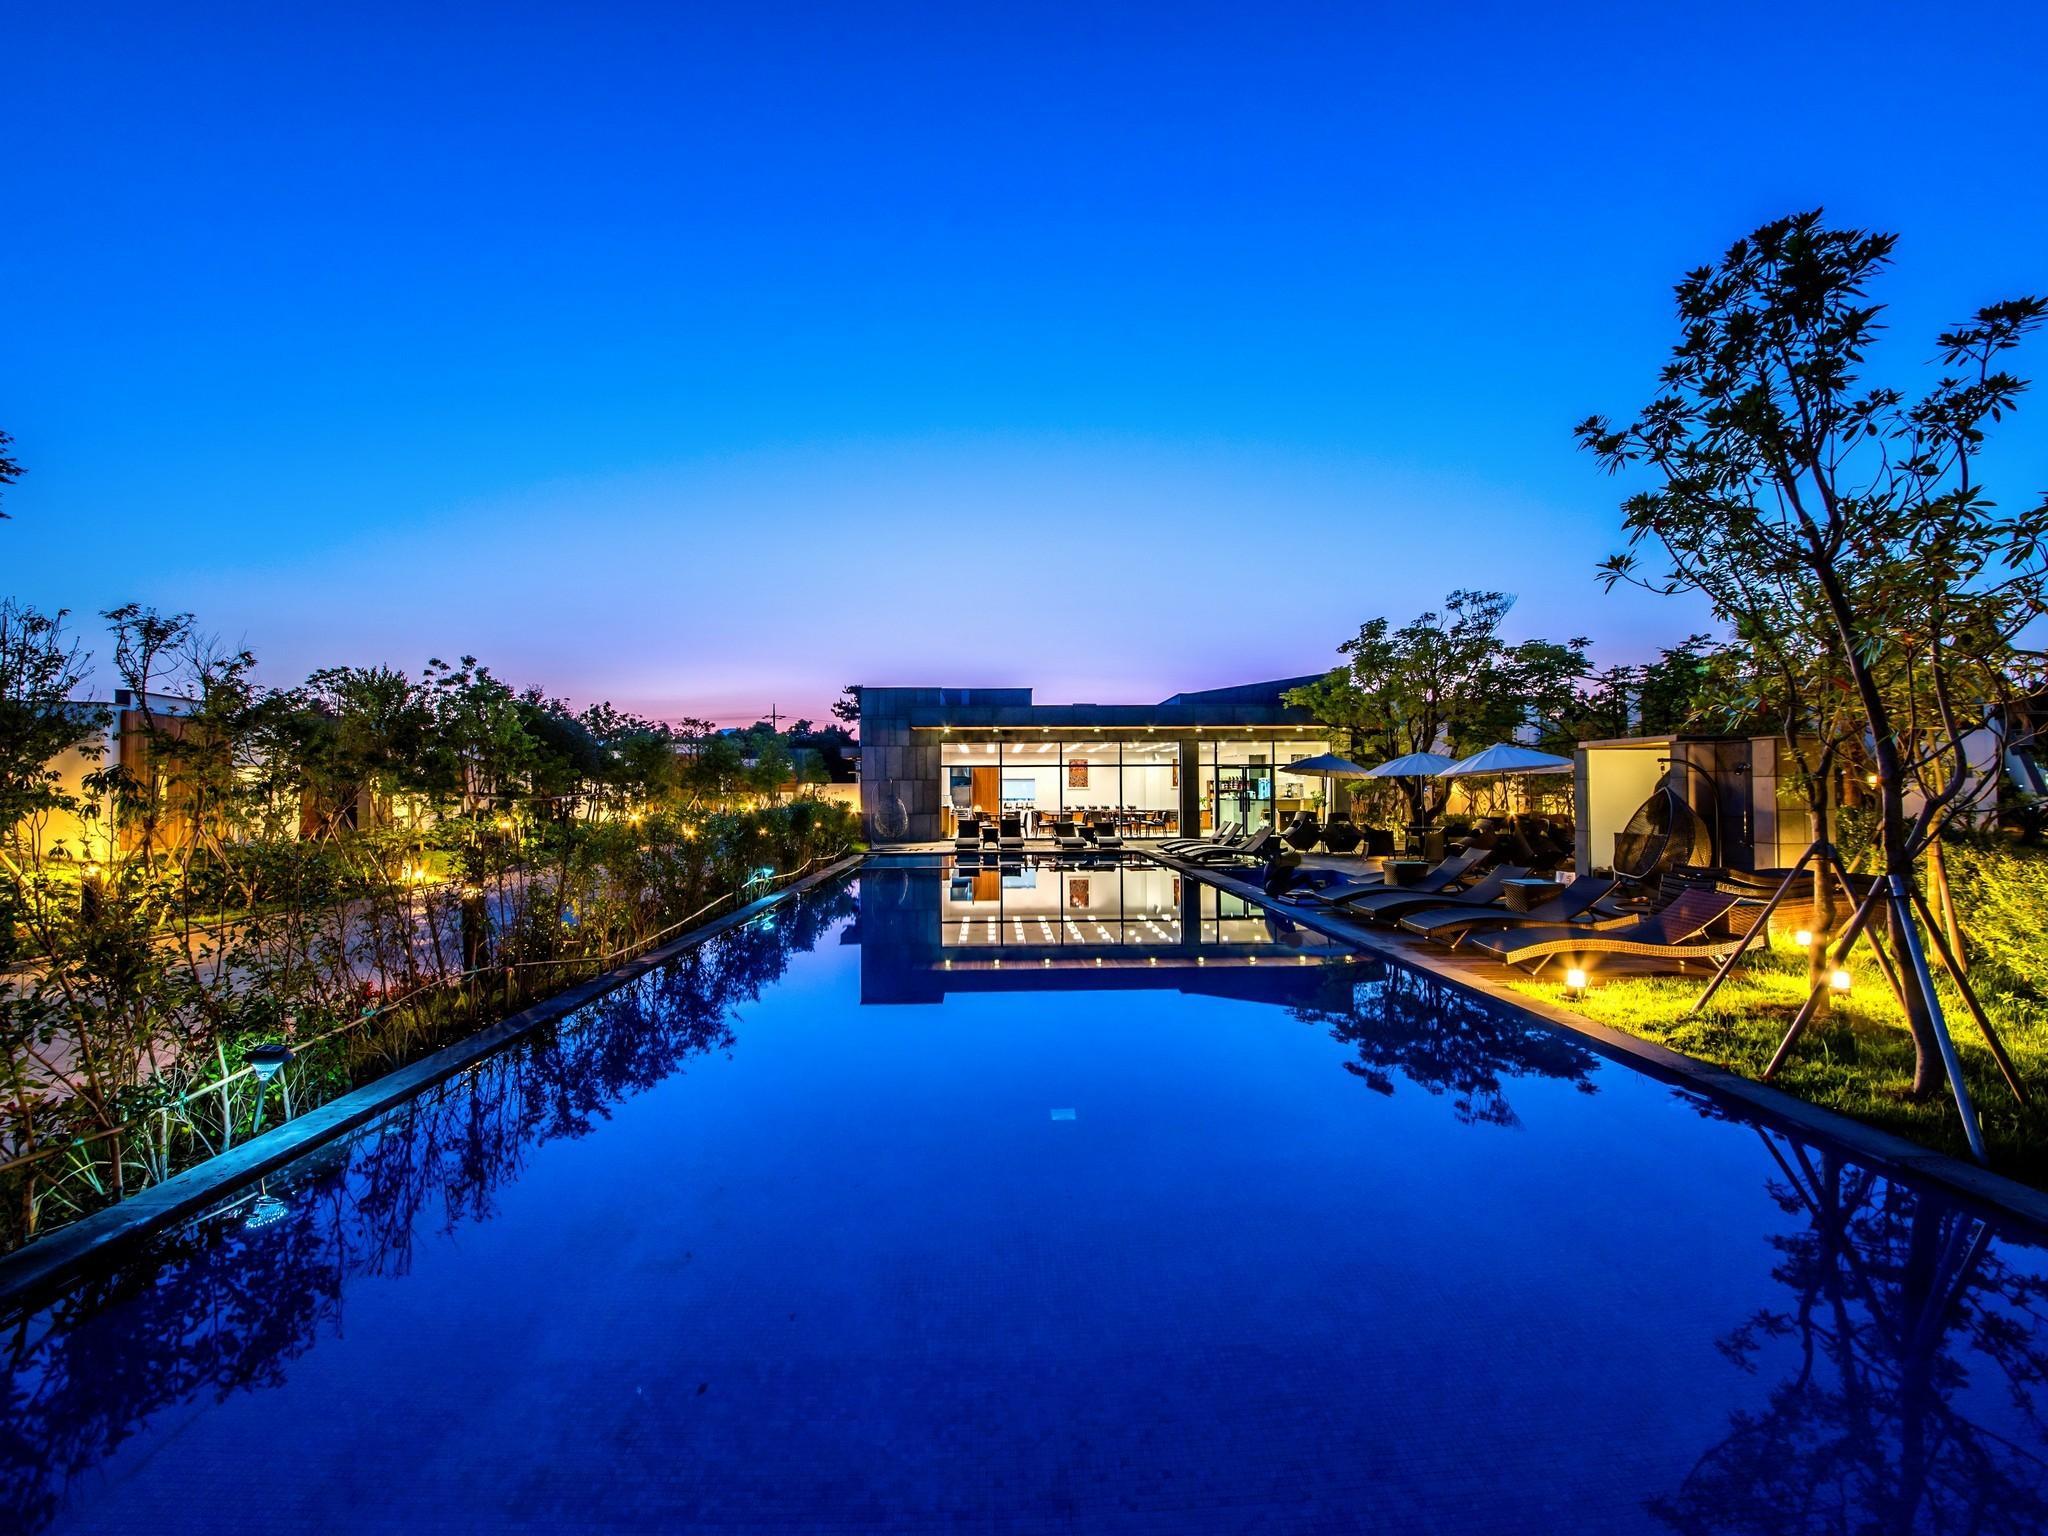 The Shimpang Spa And Poolvilla